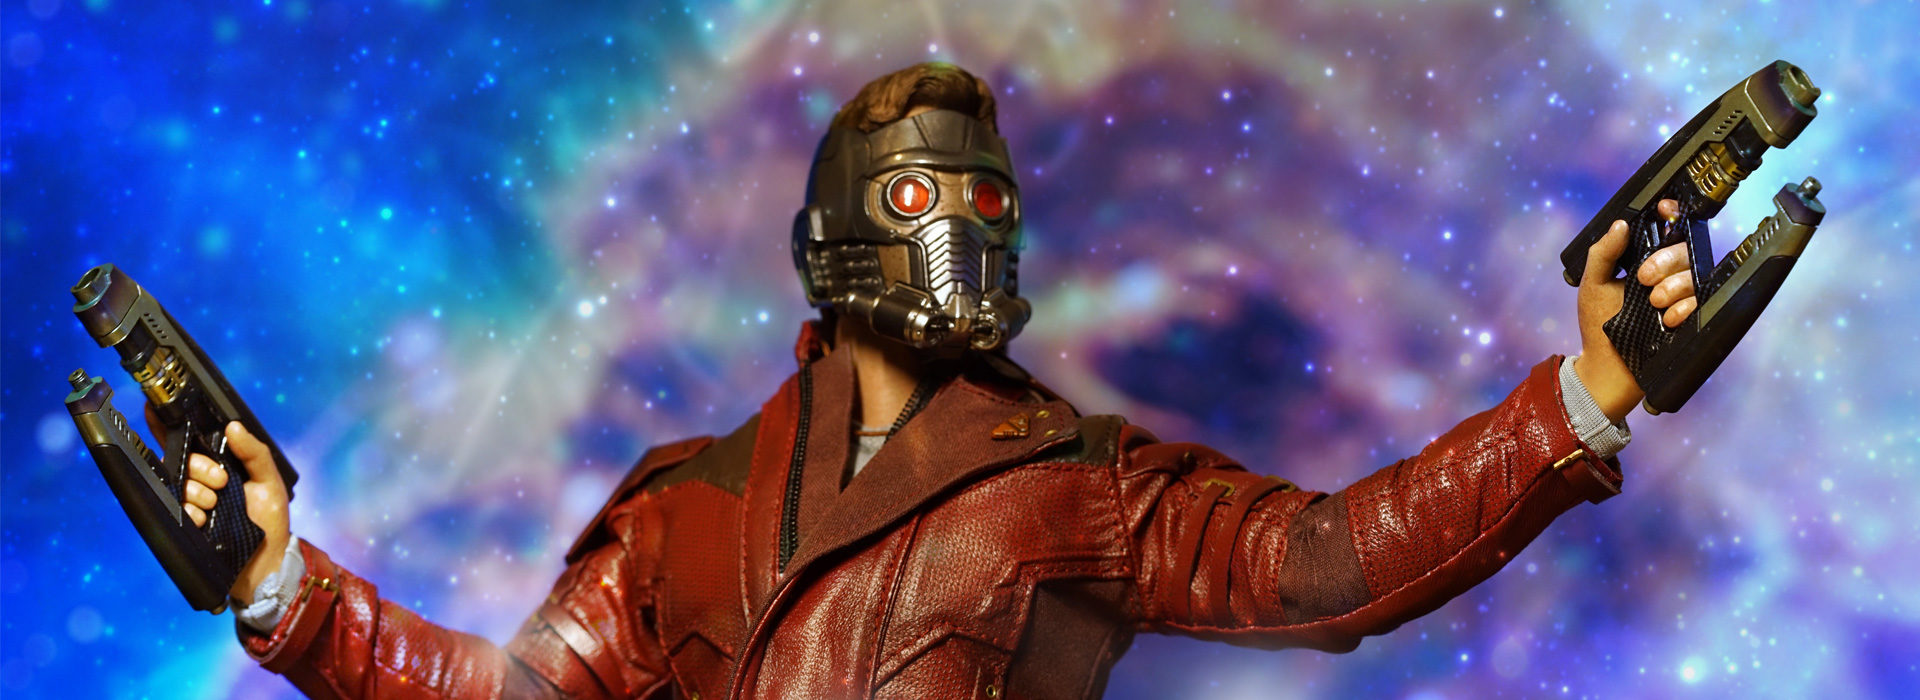 Hot Toys Star Lord par la faute aux jouets